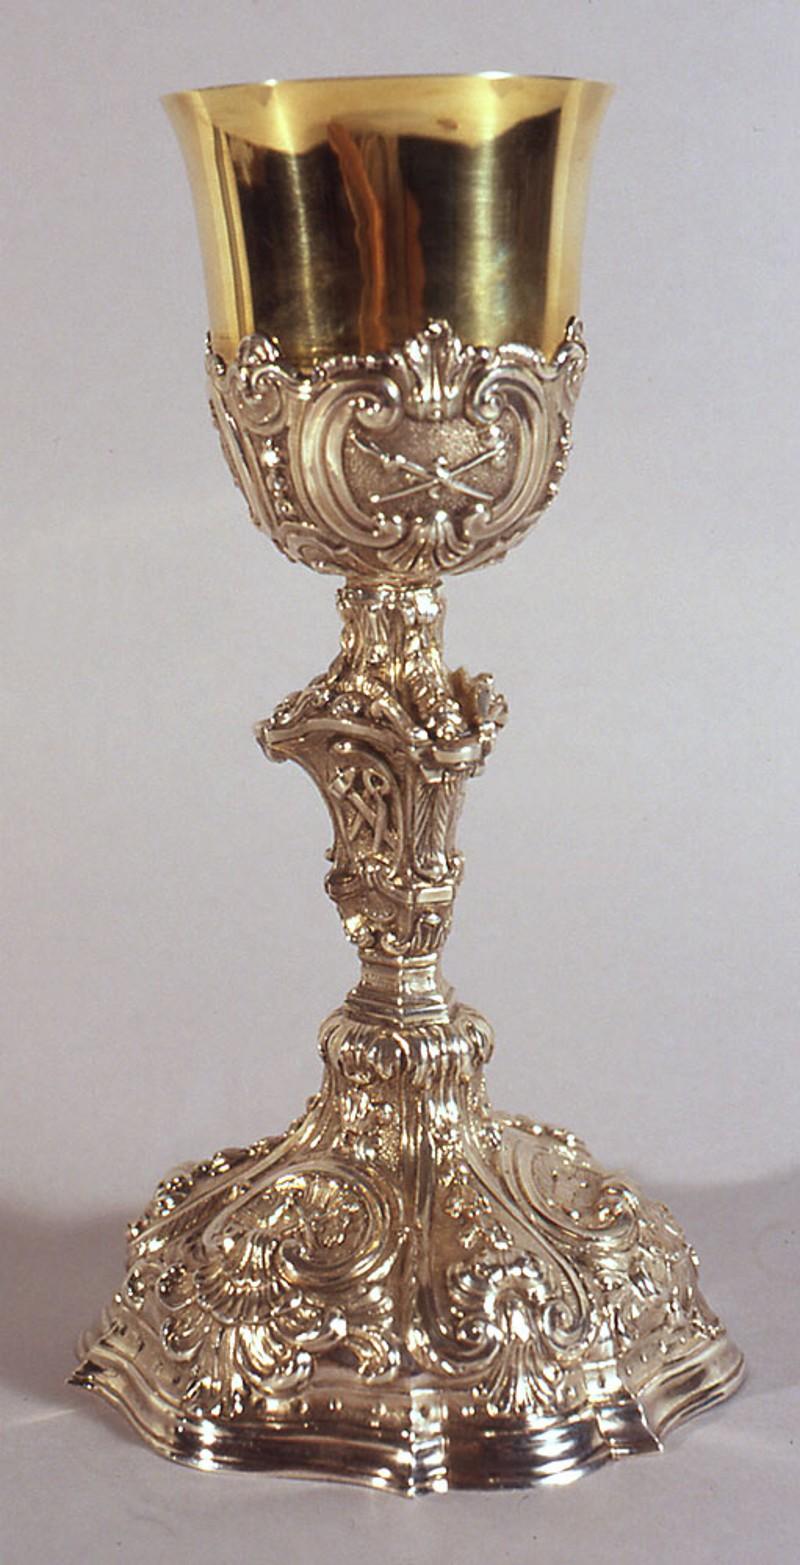 Bott. emiliana sec. XIX, Calice d'argento sbalzato